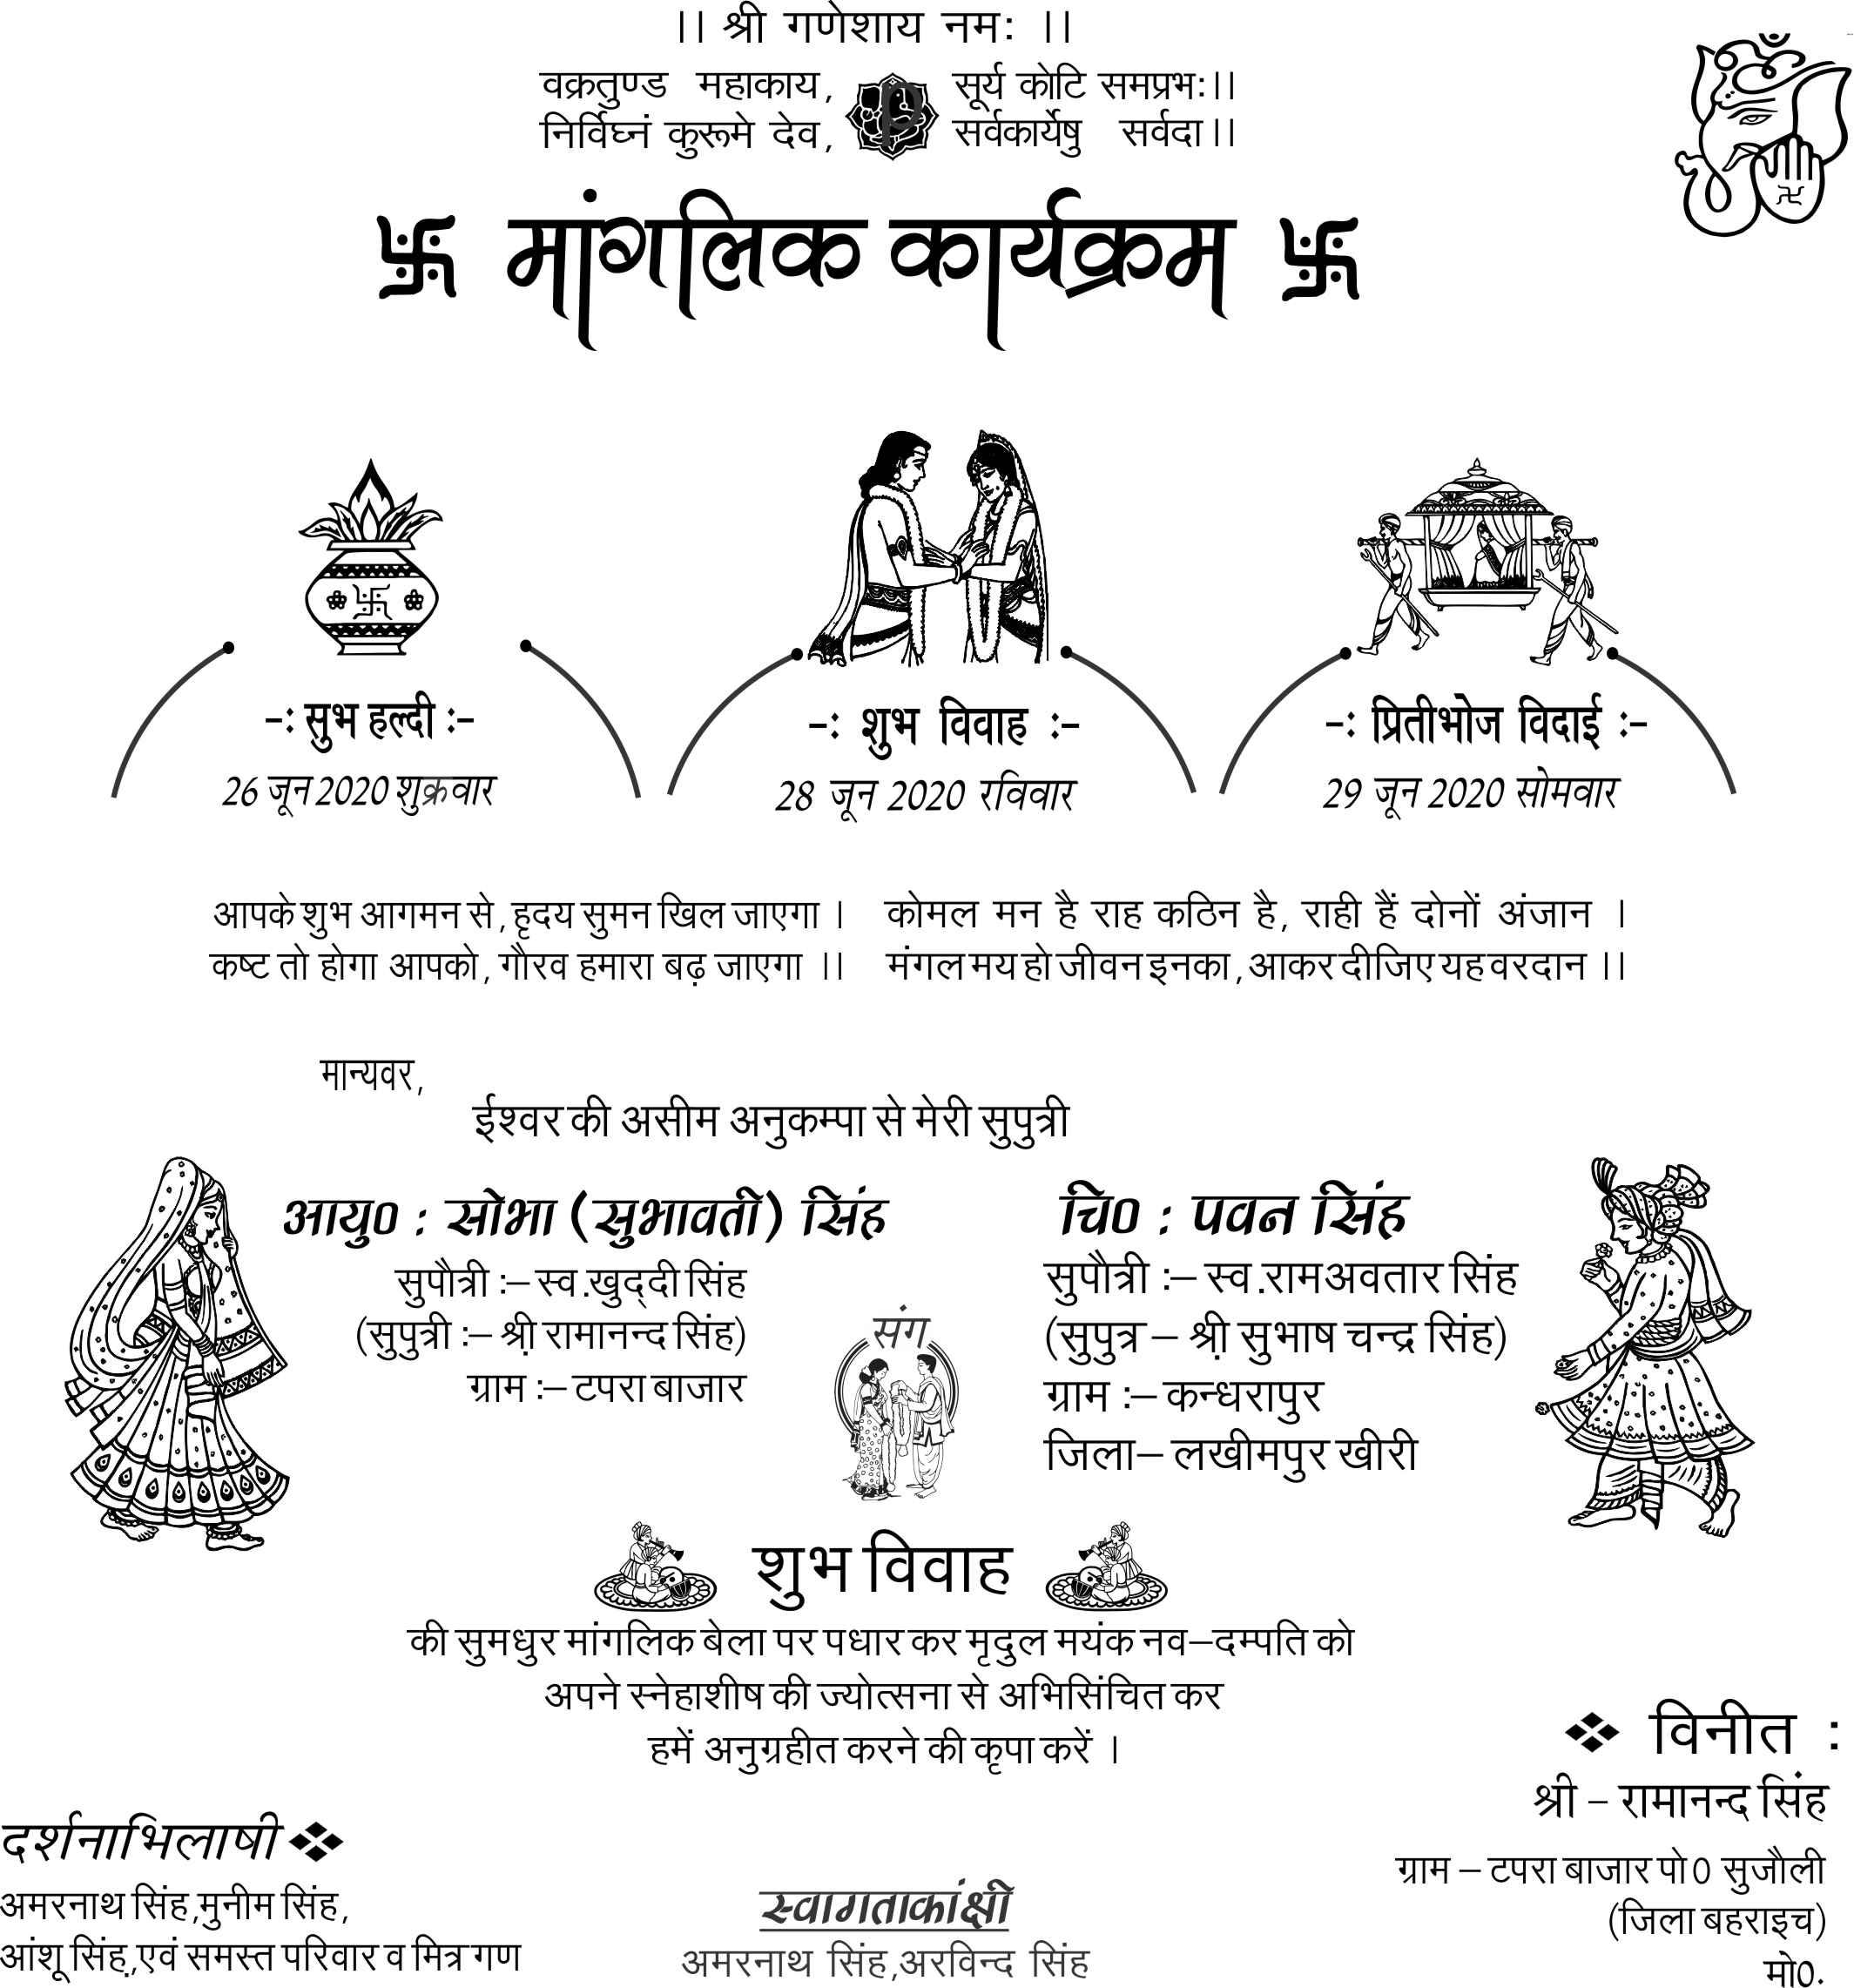 shadi card matter download (hindi)